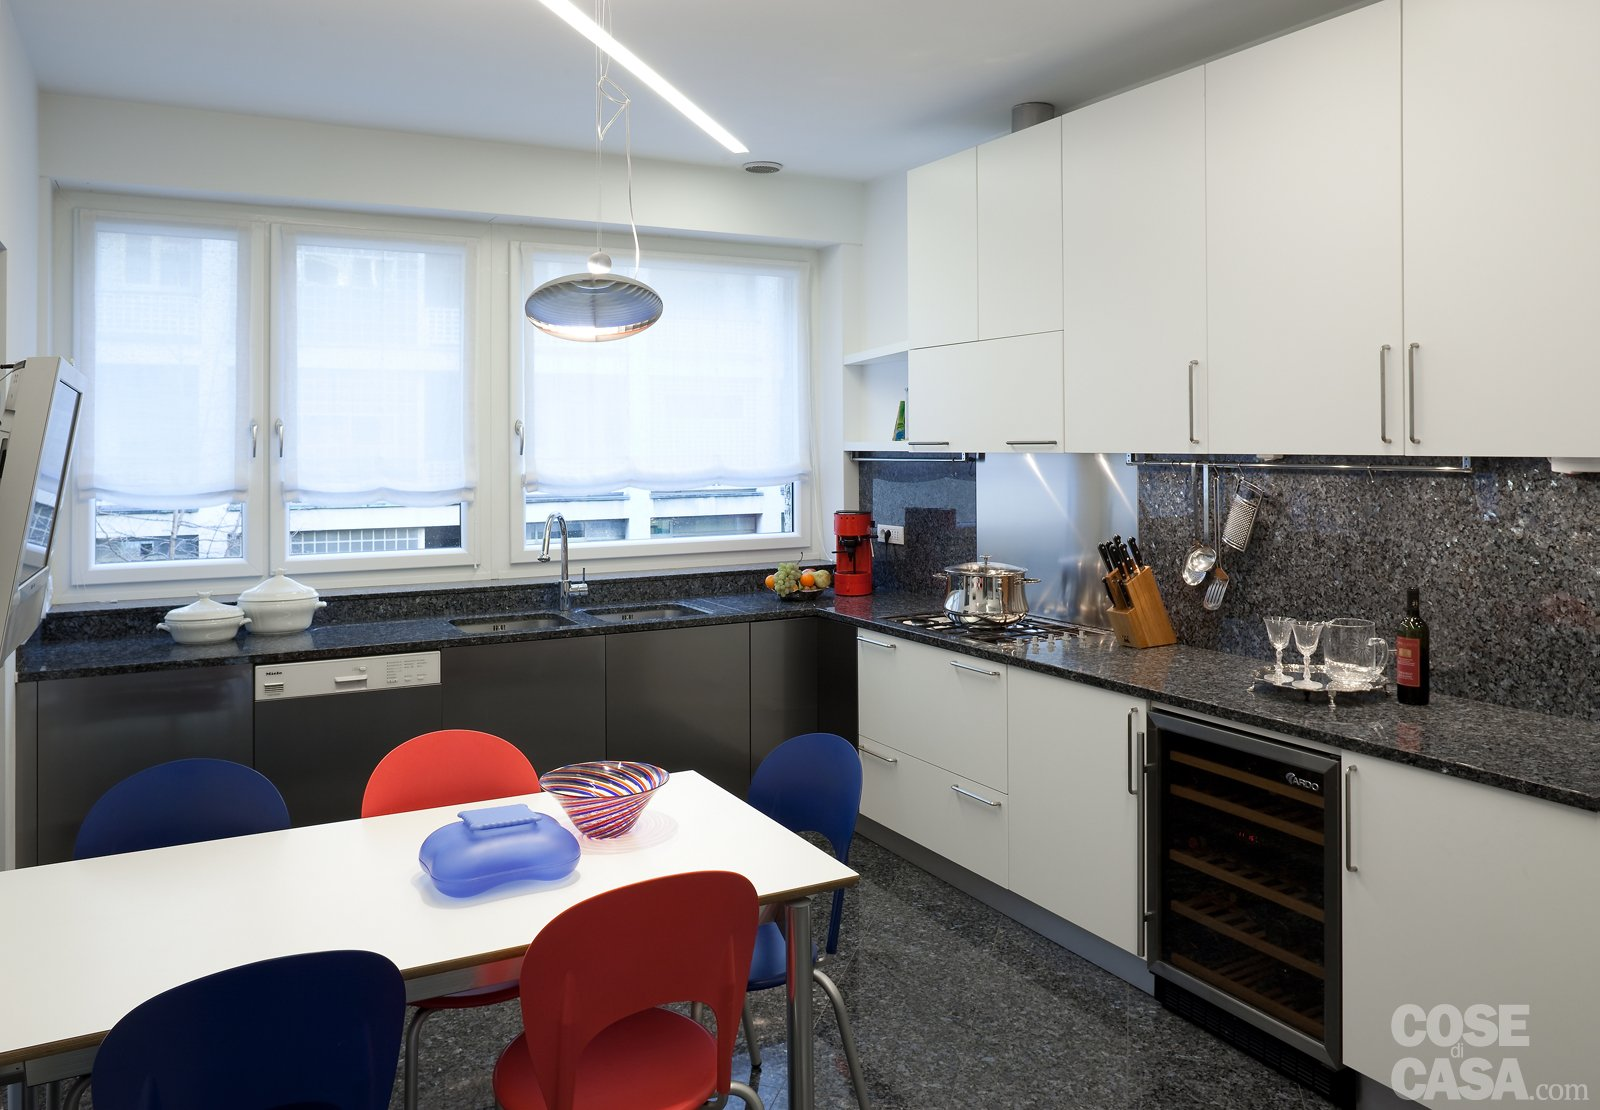 Una casa pensata per il risparmio energetico cose di casa - Cucine sotto finestra ...